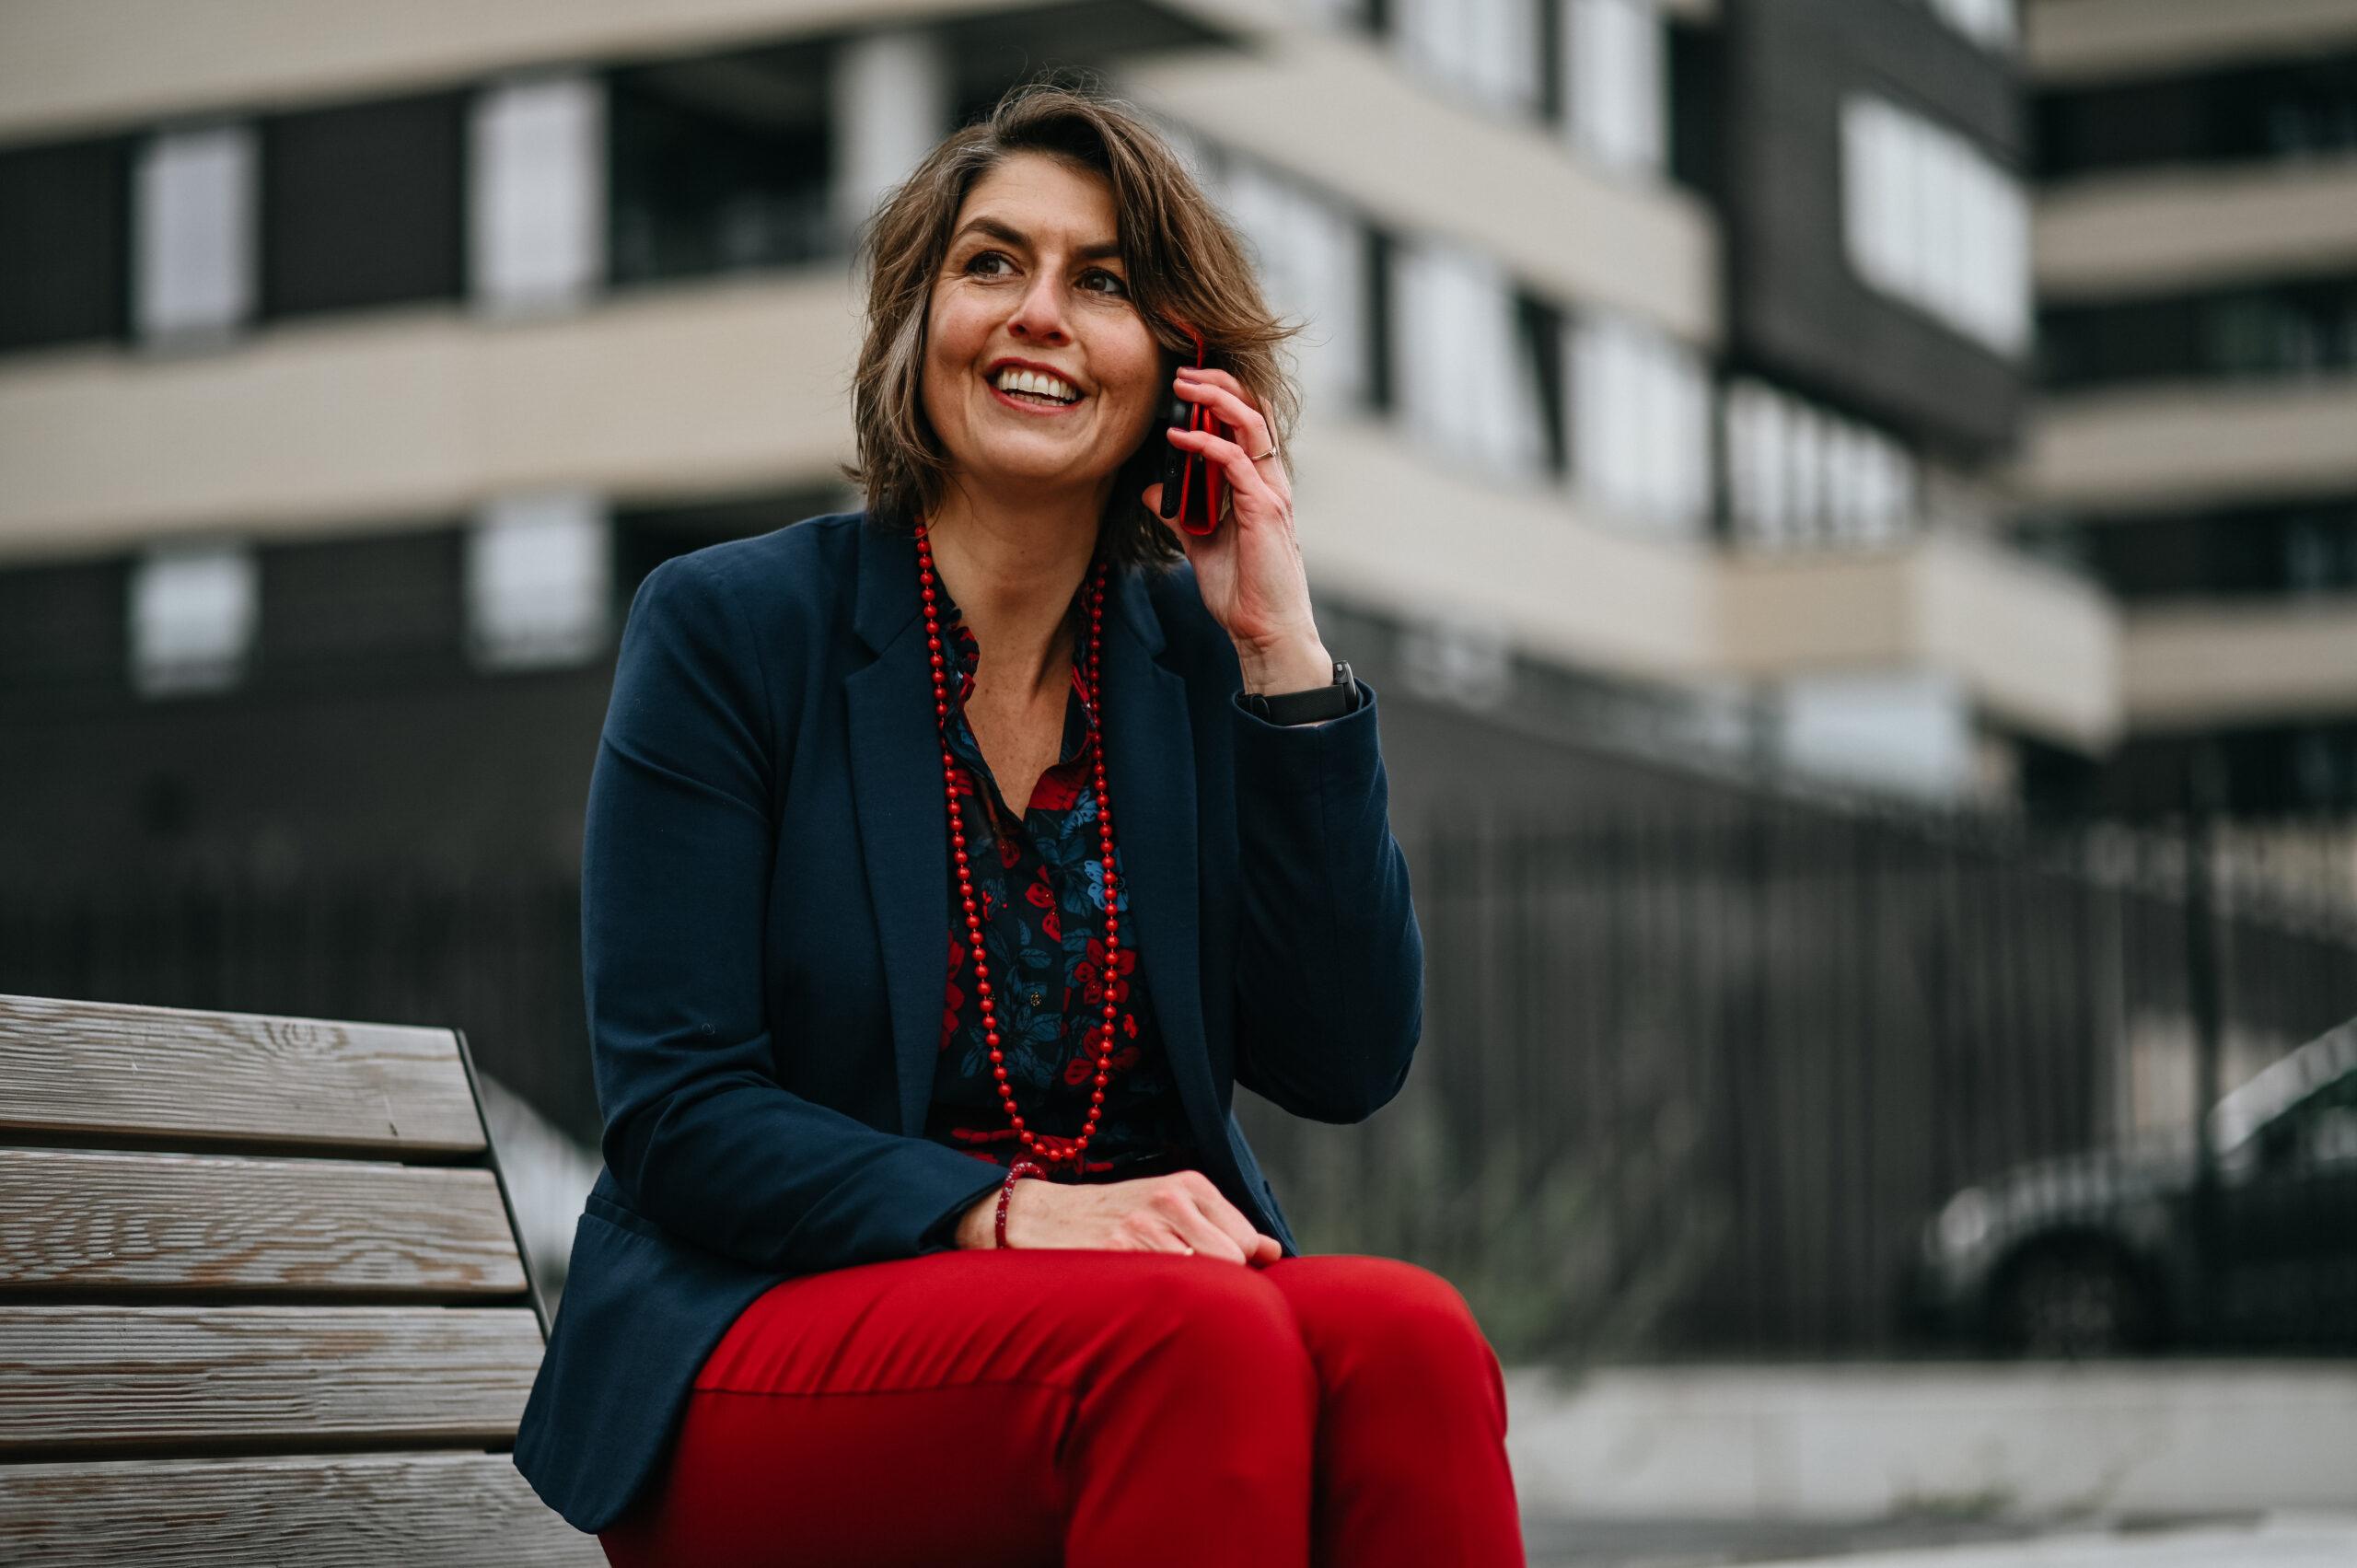 Contact Annie van der Werf